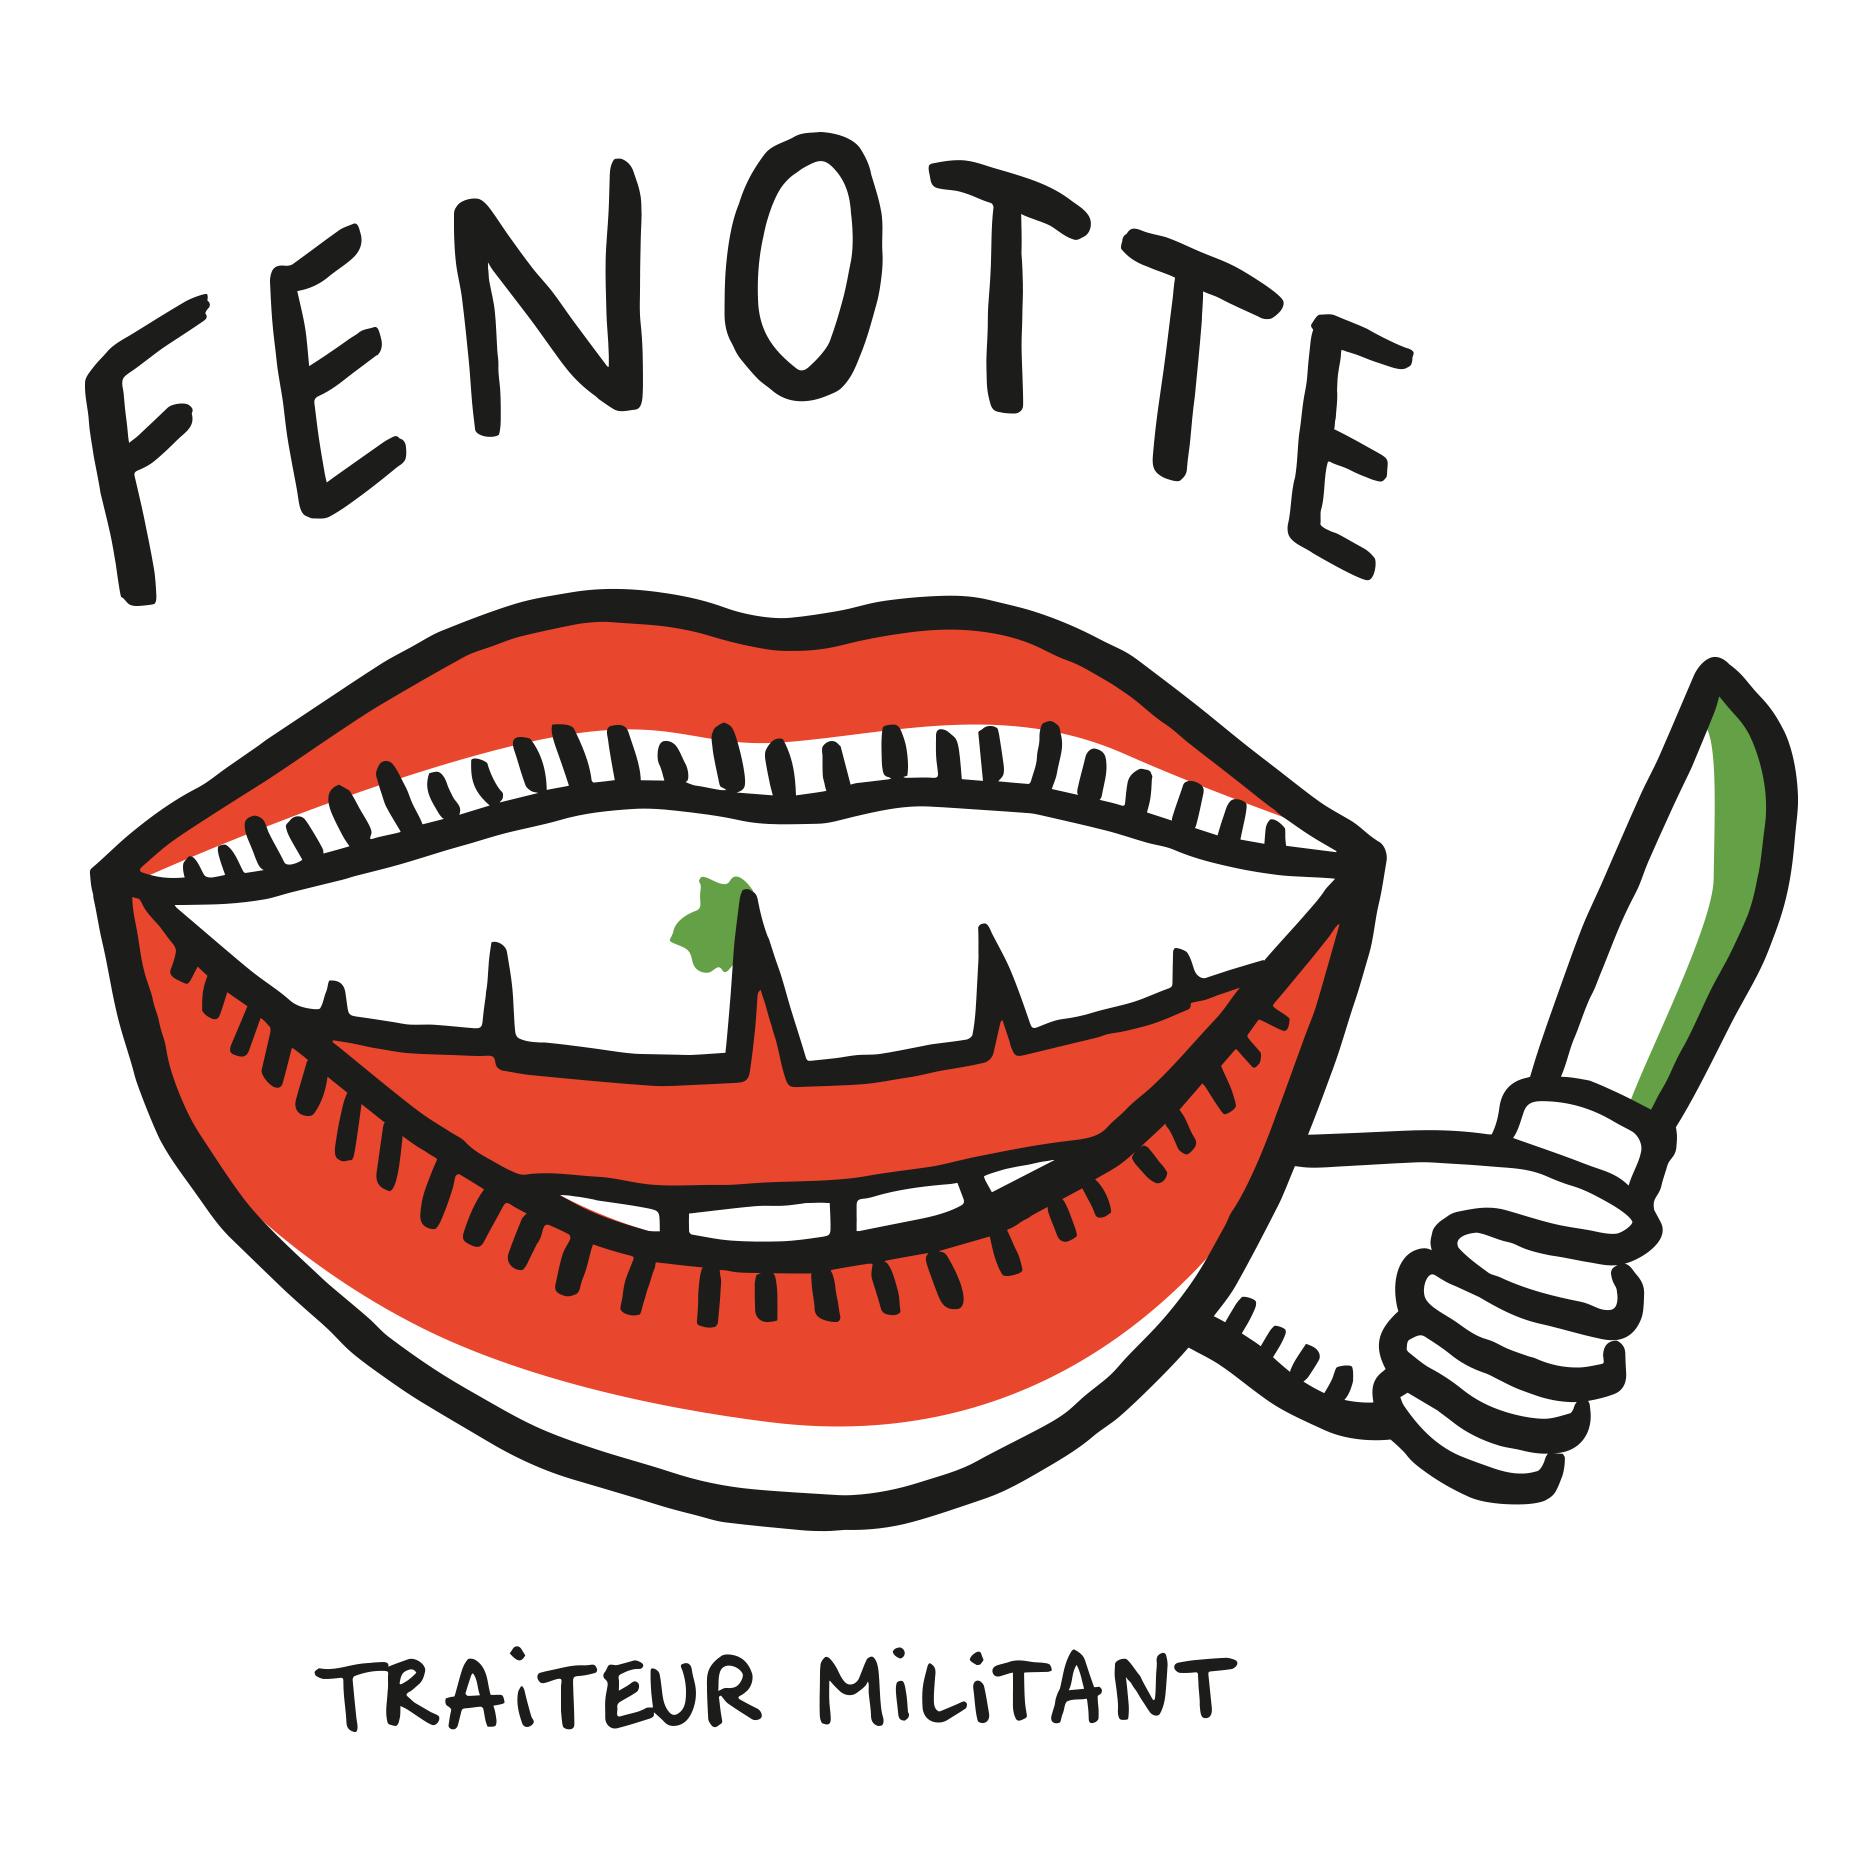 Fenotte